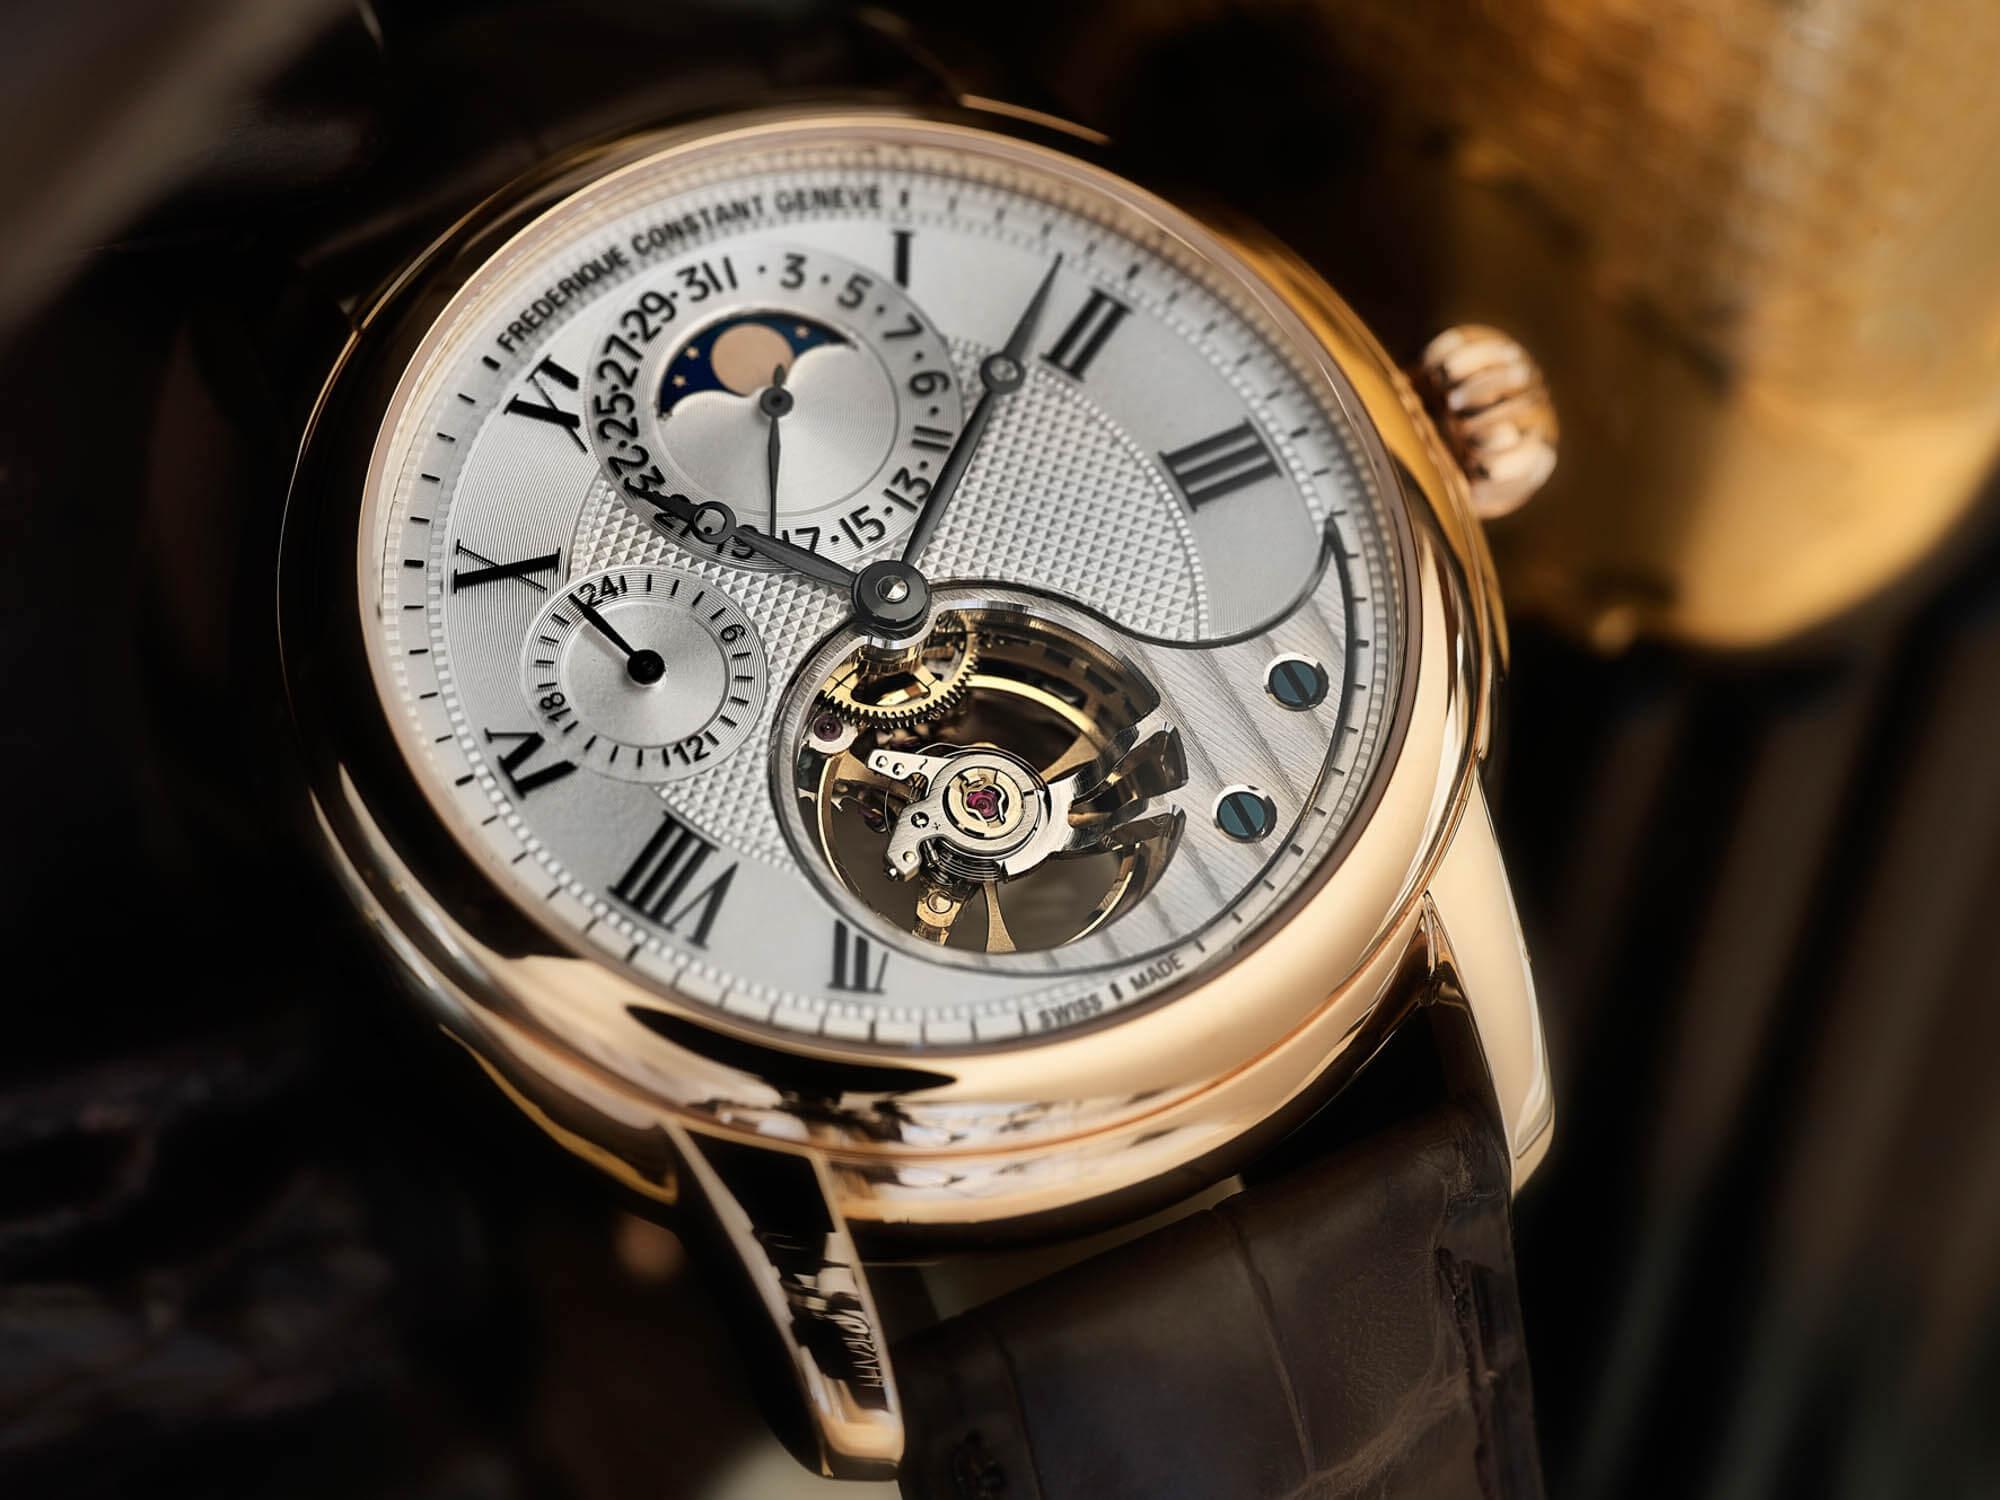 Câu chuyện chiếc đồng hồ Thụy Sĩ: Muốn có mác Swiss Made, cần nhiều hơn một đường cắt không lộ chỉ - Ảnh 6.